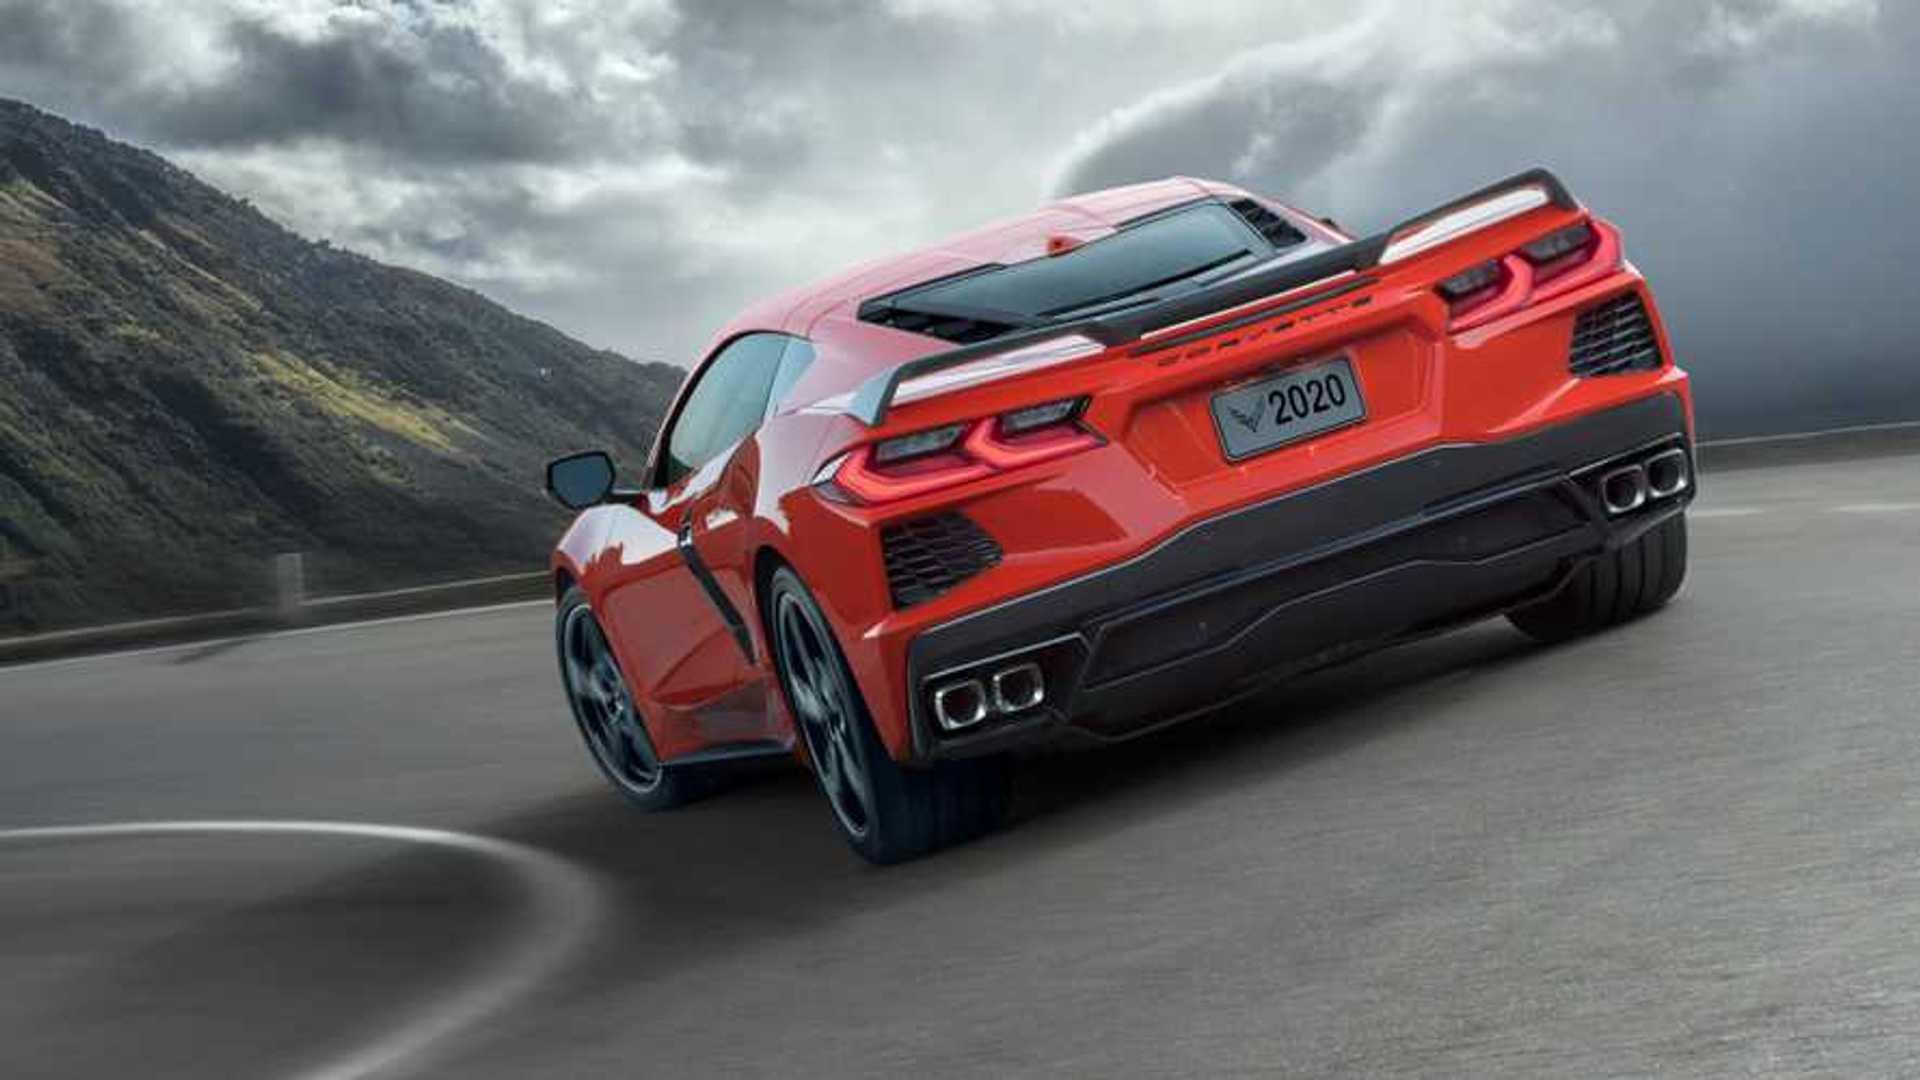 La nouvelle Chevrolet Corvette sera bien disponible en France